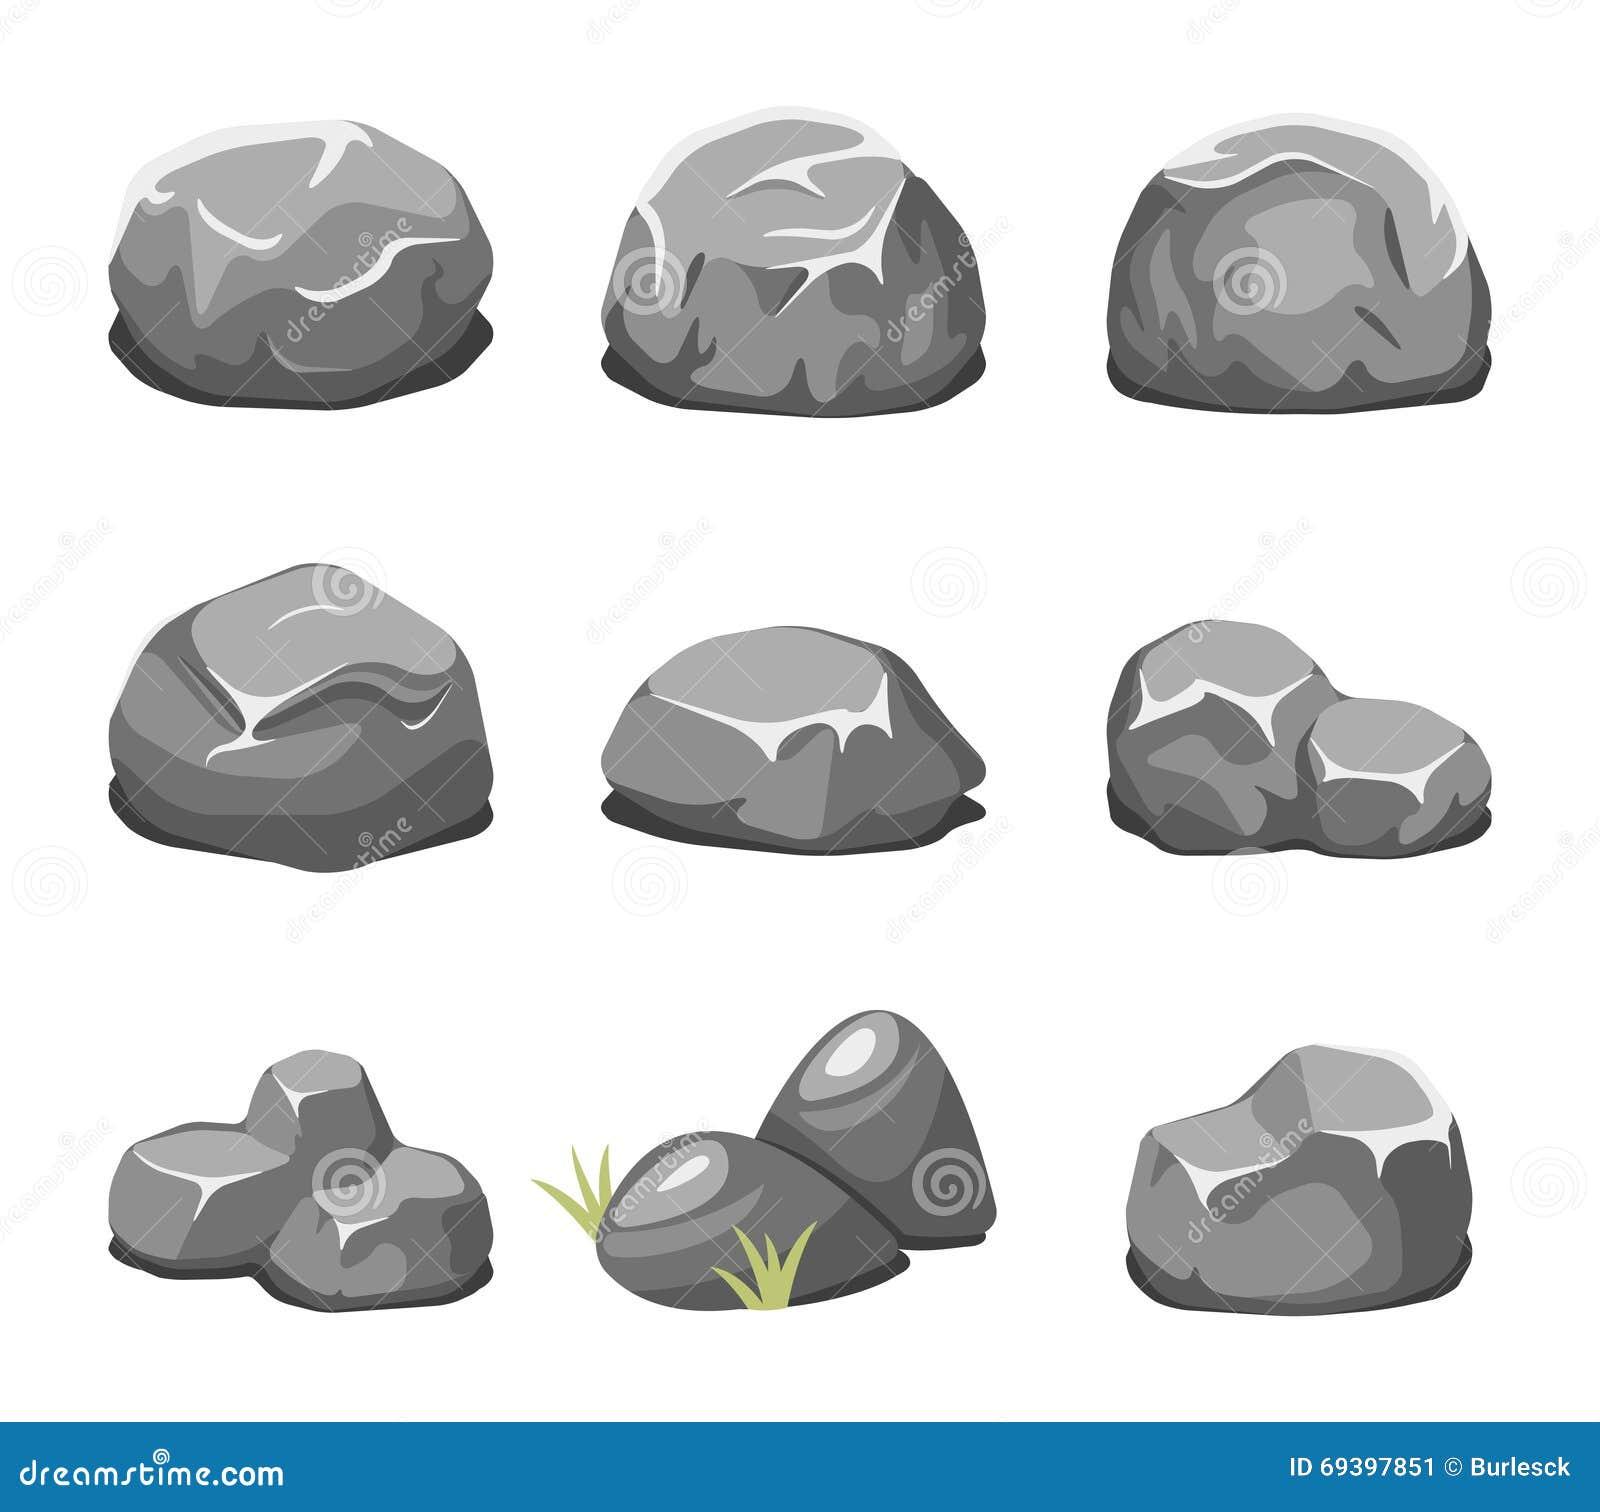 cartoon rocks clipart - photo #48